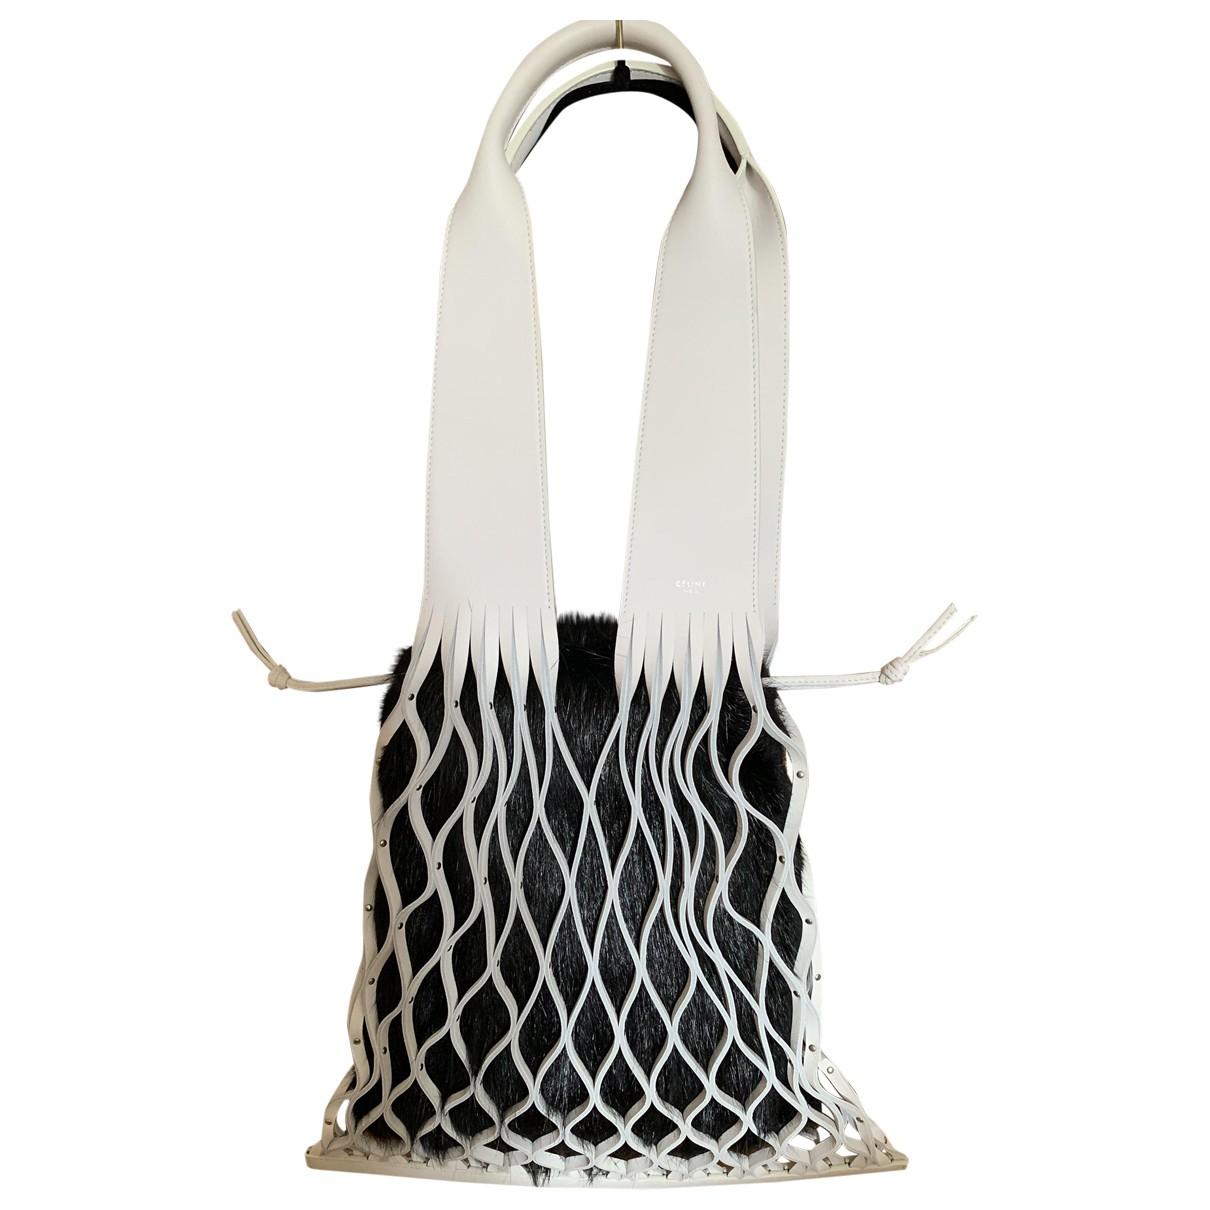 Celine \N White Leather handbag for Women \N